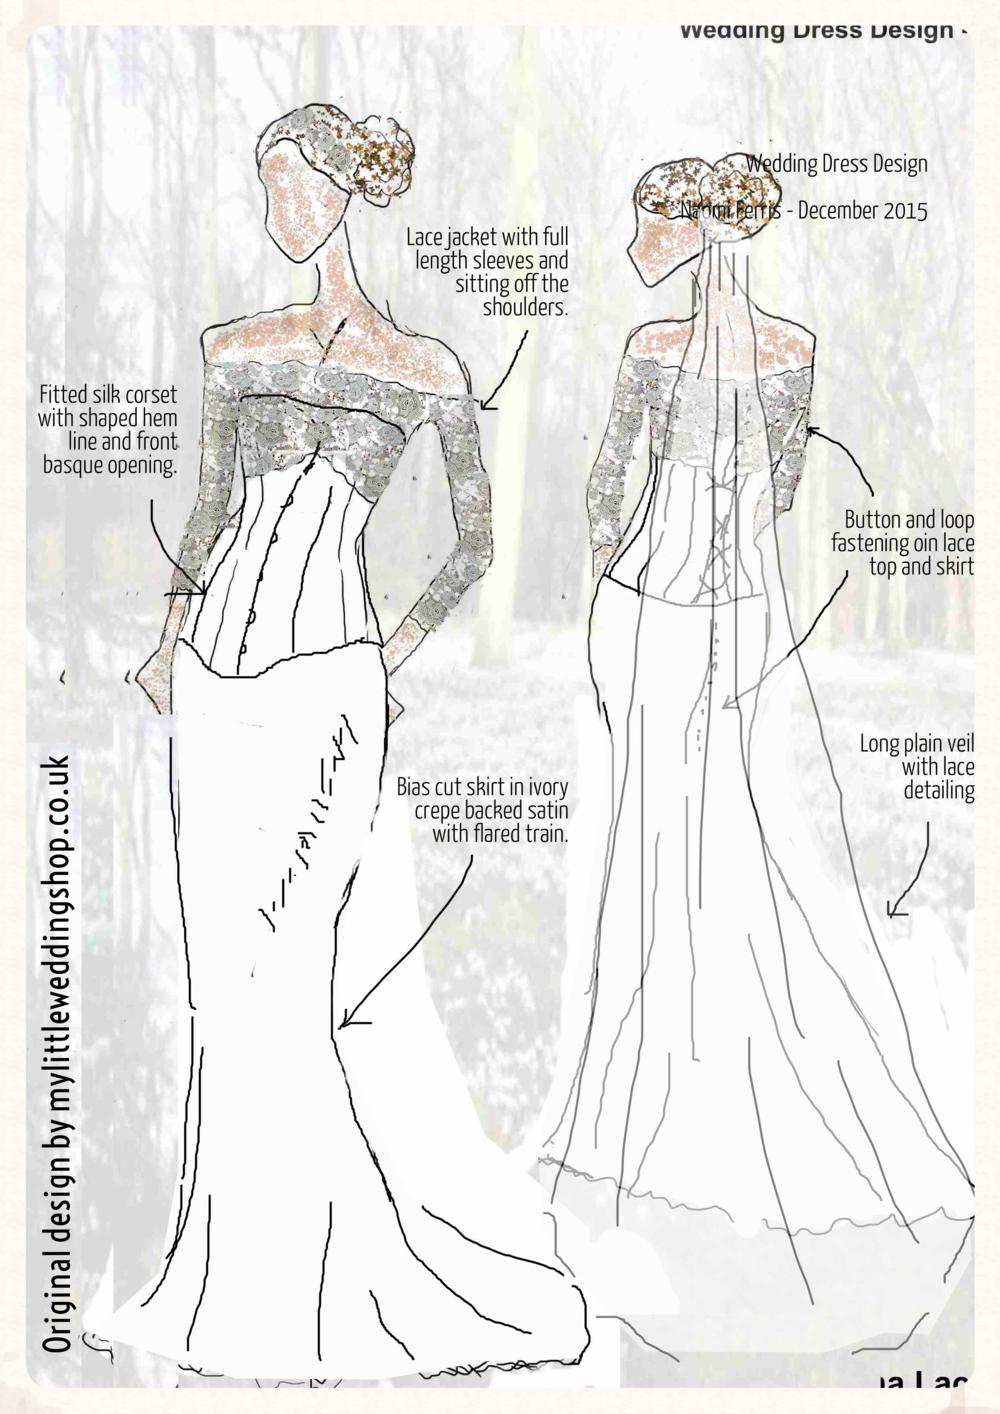 NF WD Design V1 veil.jpg